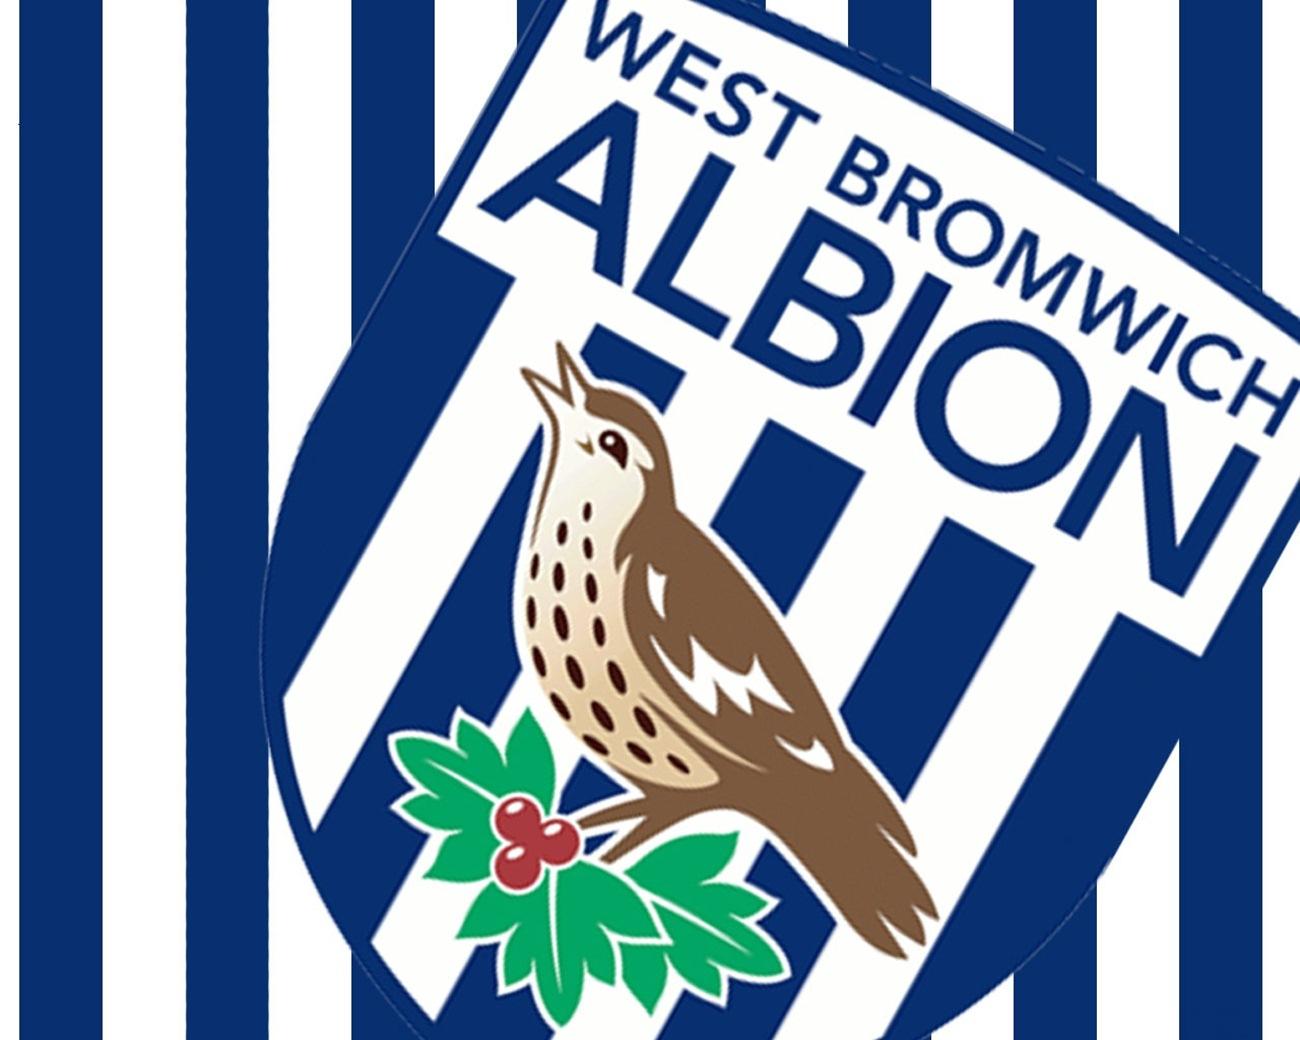 West Bromwich Albion : une situation financière critique